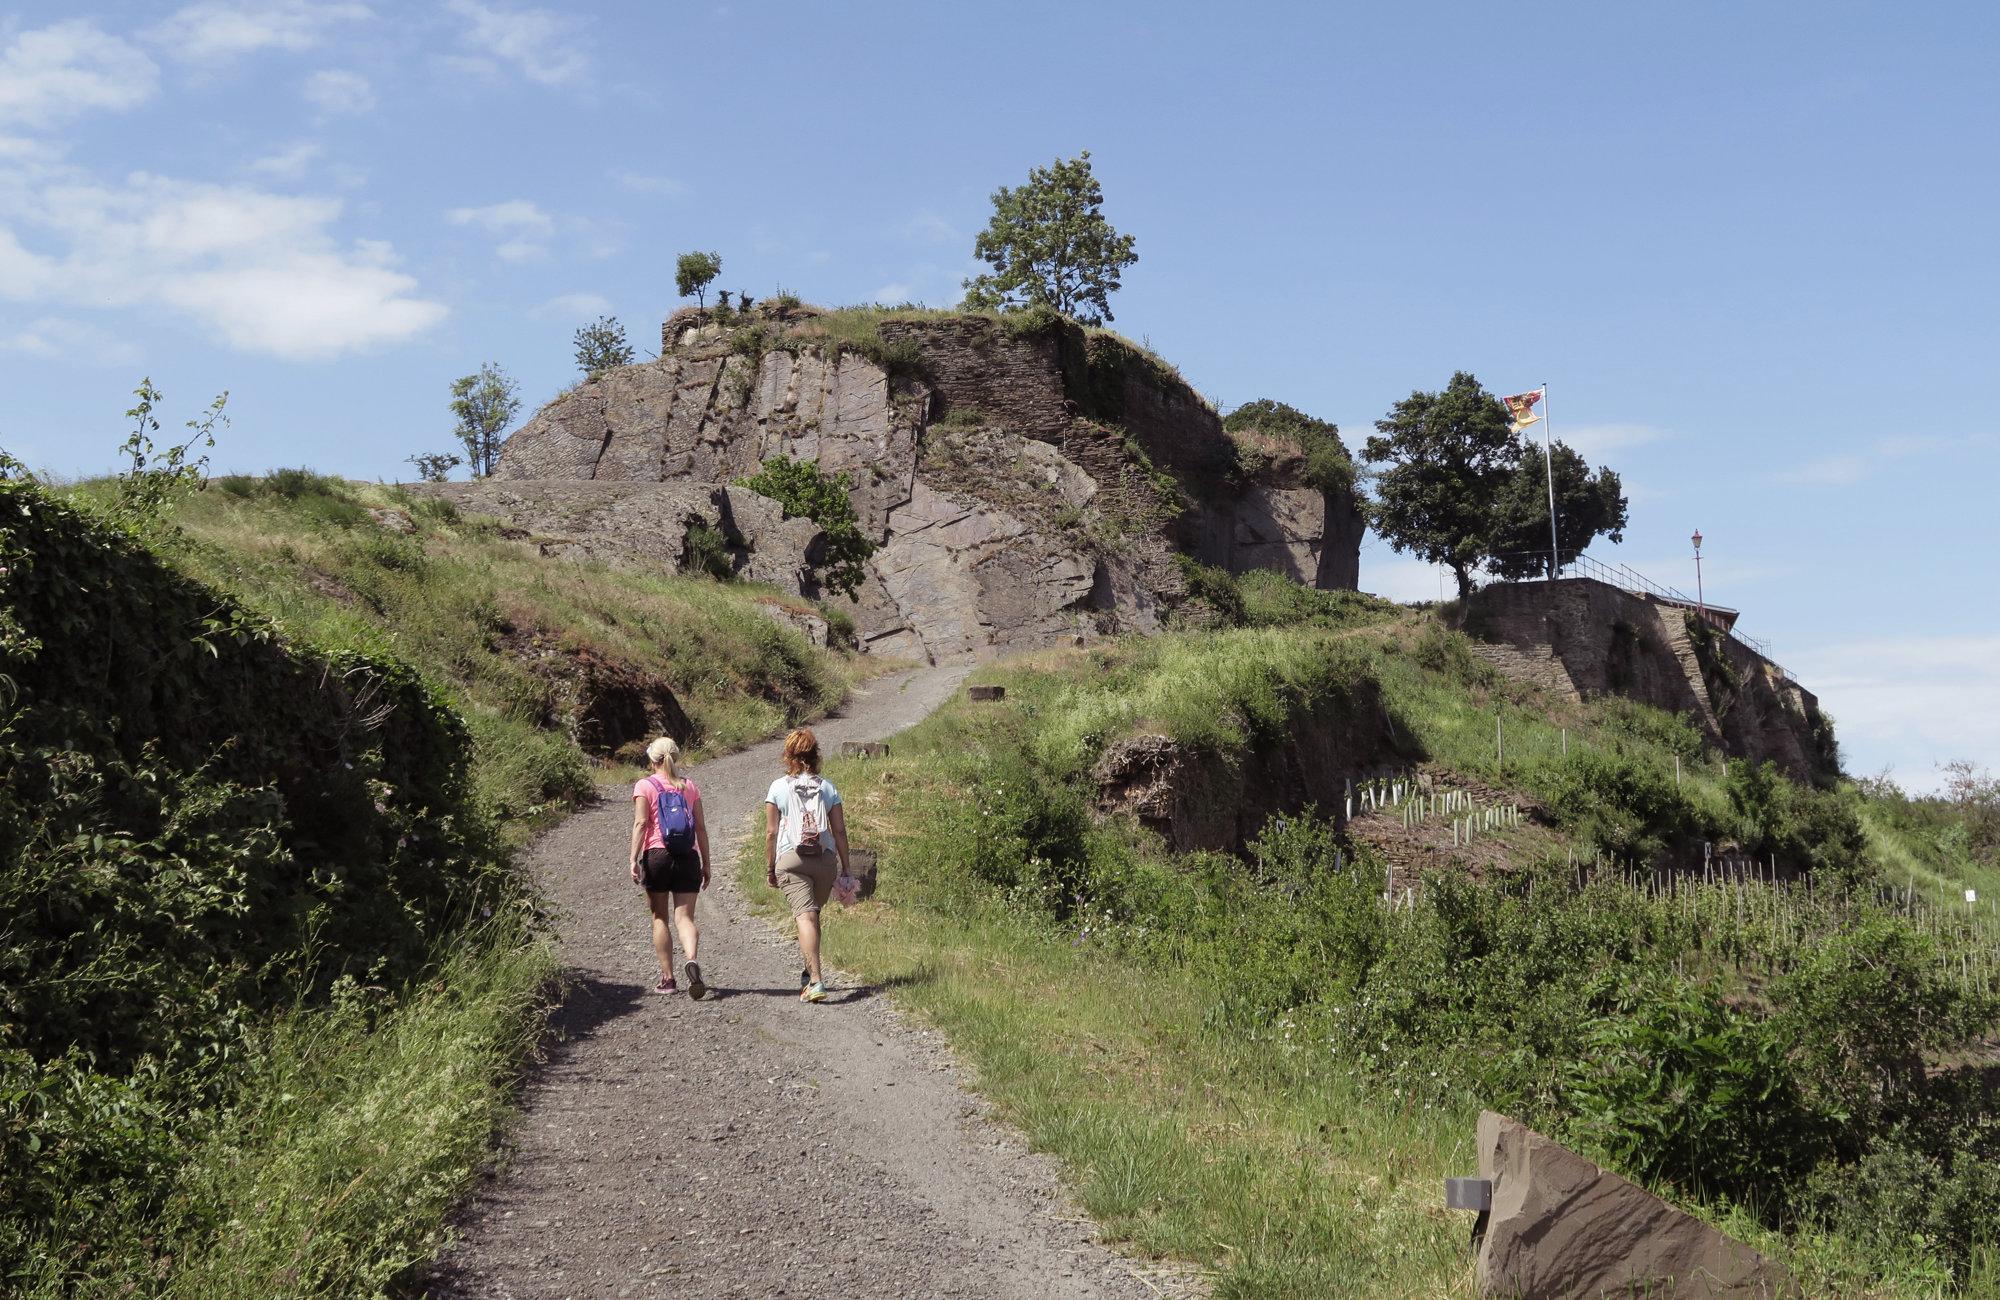 Wandern in Rheinland Pfalz: Ahrtal, Deutschland Wandertour